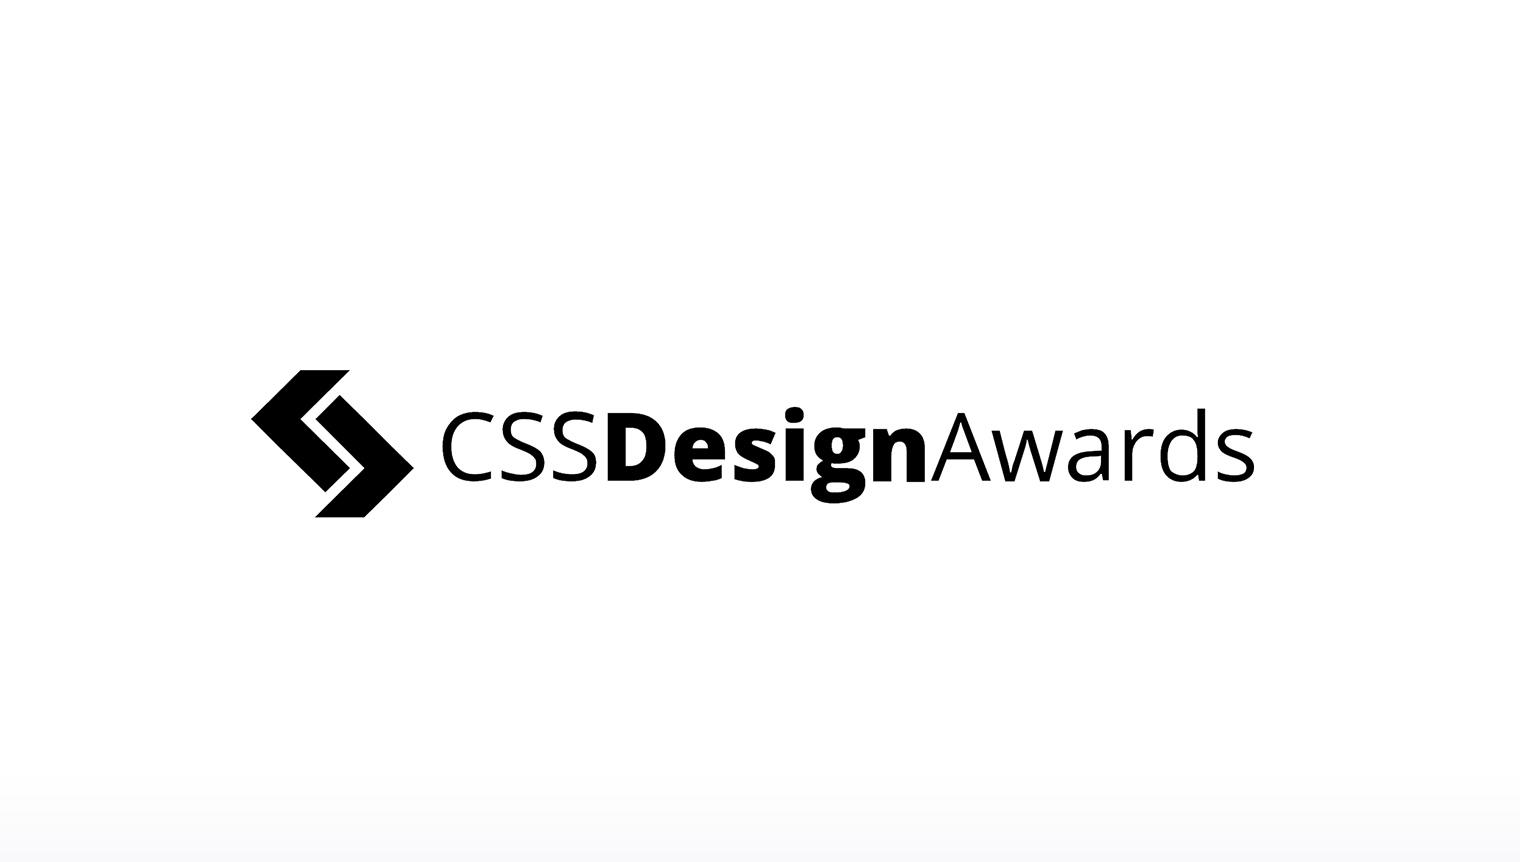 弊社制作の「BIJOUPIKO GROUP」が、『CSS Design Awards』にてSpecial Kudosを受賞しました。